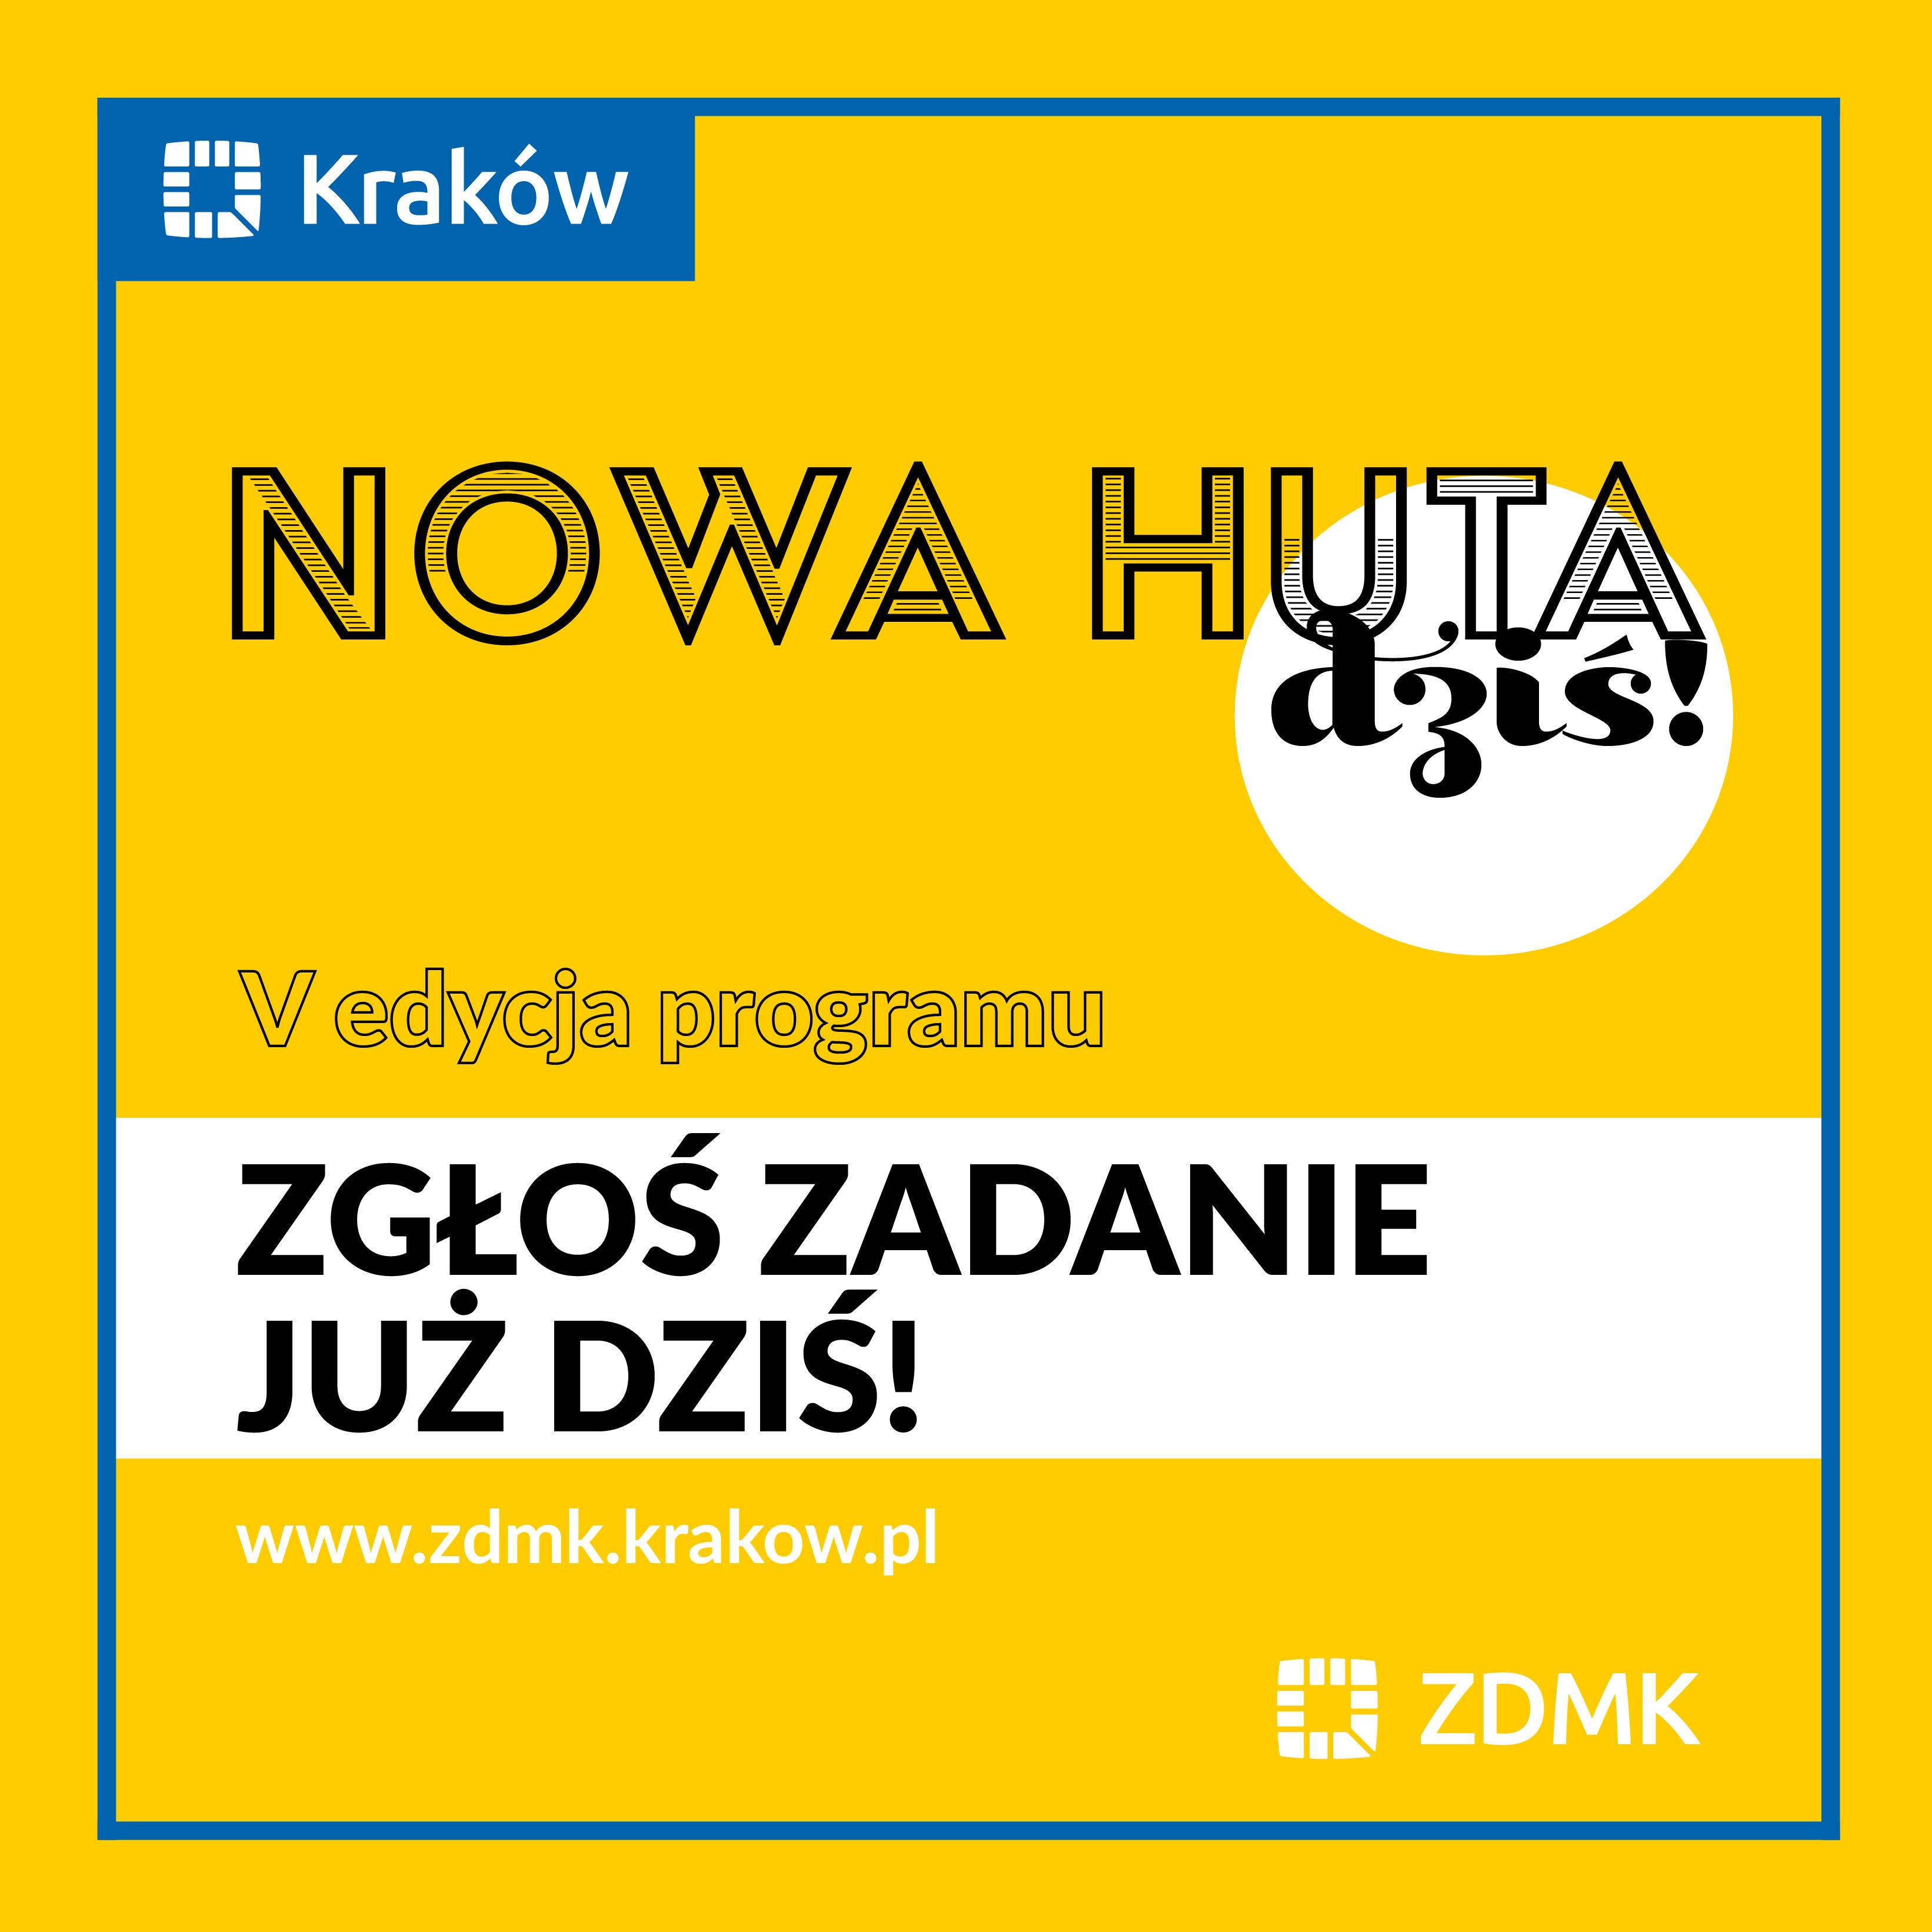 Piąta edycja programu Nowa Huta dziś!